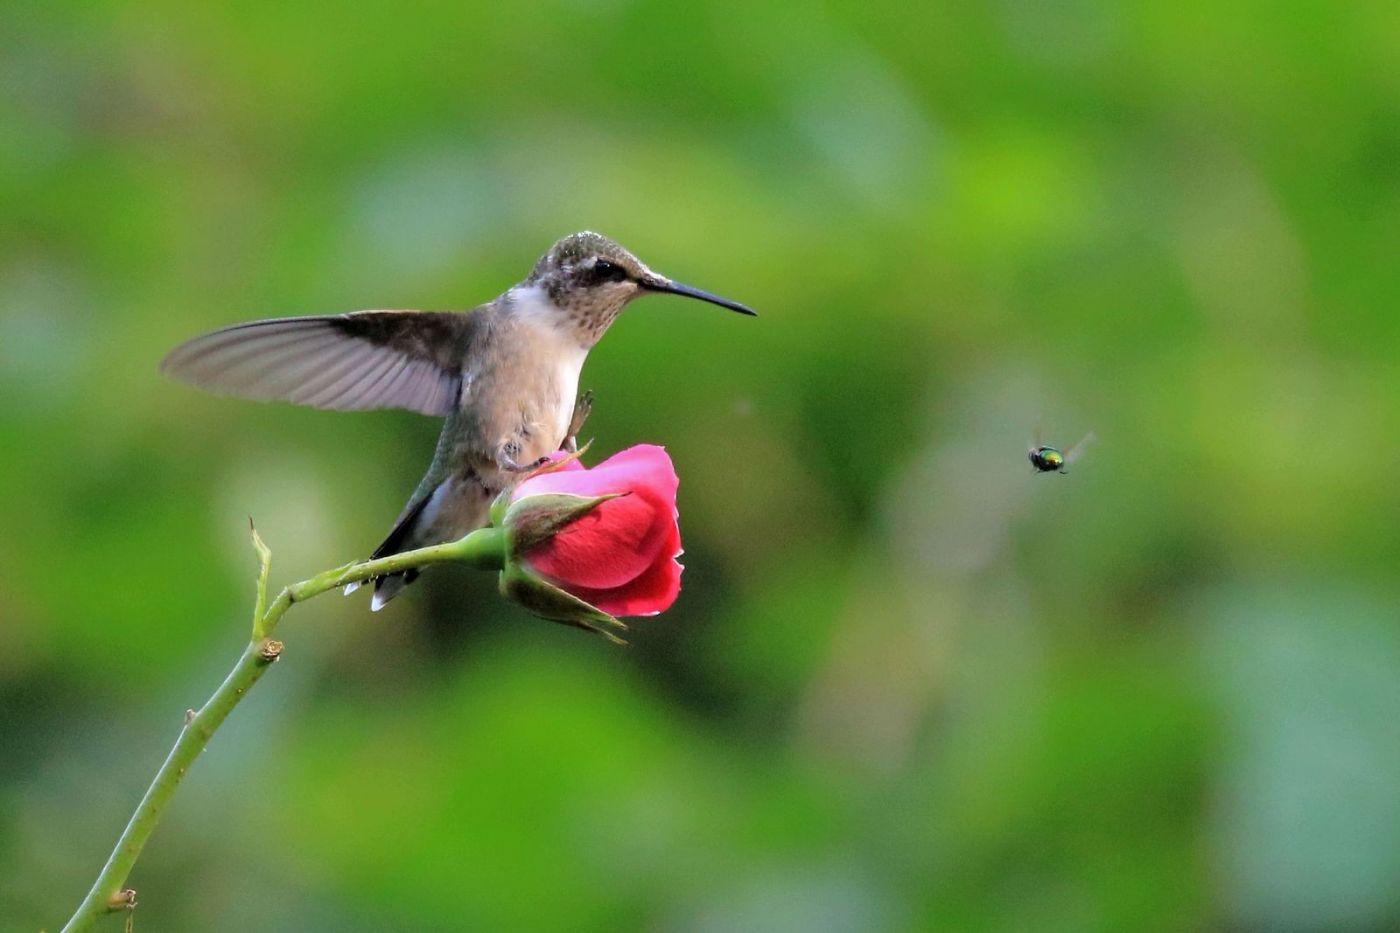 凯辛娜公园拍的蜂鸟_图1-5